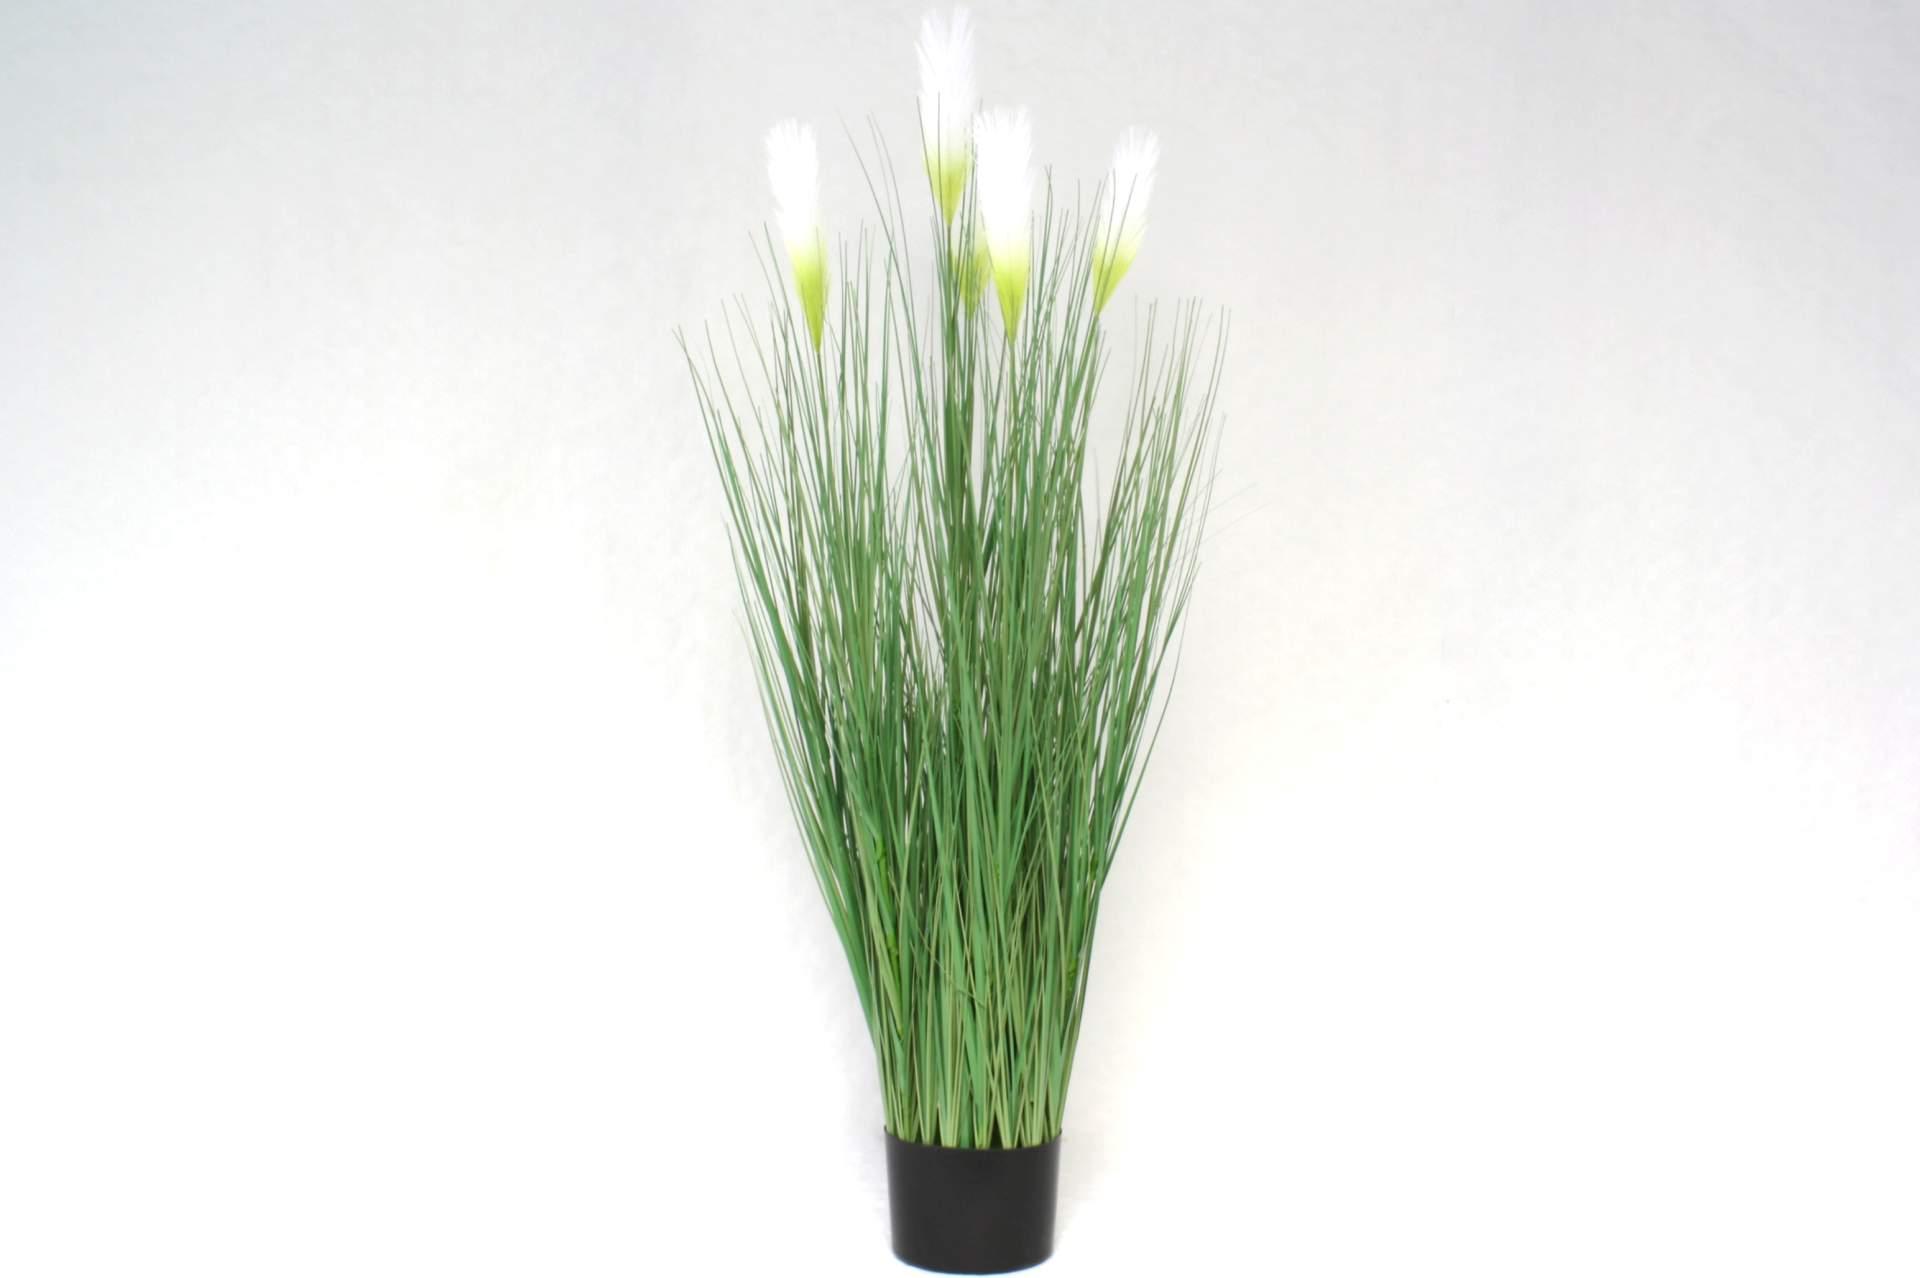 k nstliches ufergras mit weiss gr nen bl ten 120 cm kunstpflanze gras k nstlich. Black Bedroom Furniture Sets. Home Design Ideas